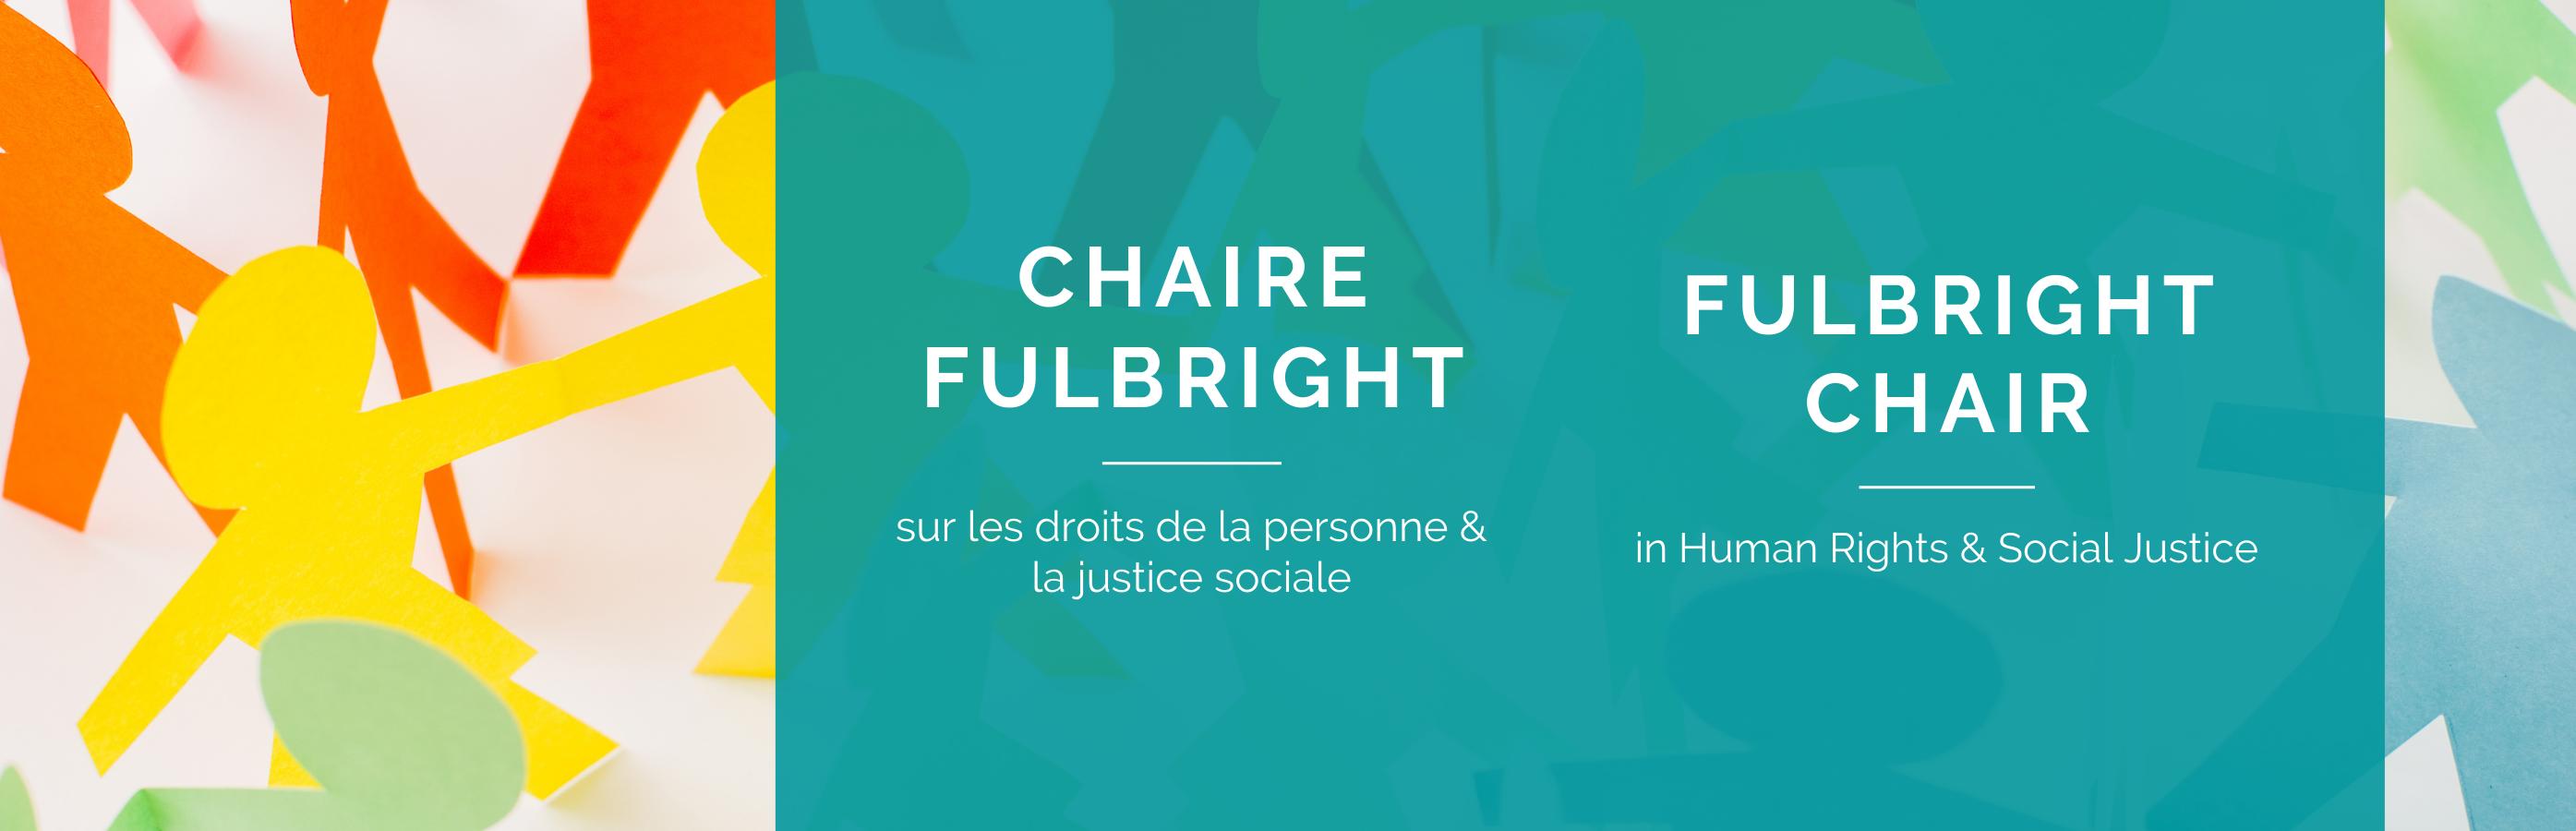 Guirlande colorée en papier avec le texte : Chaire Fulbright sur les droits de la personne et la justice sociale